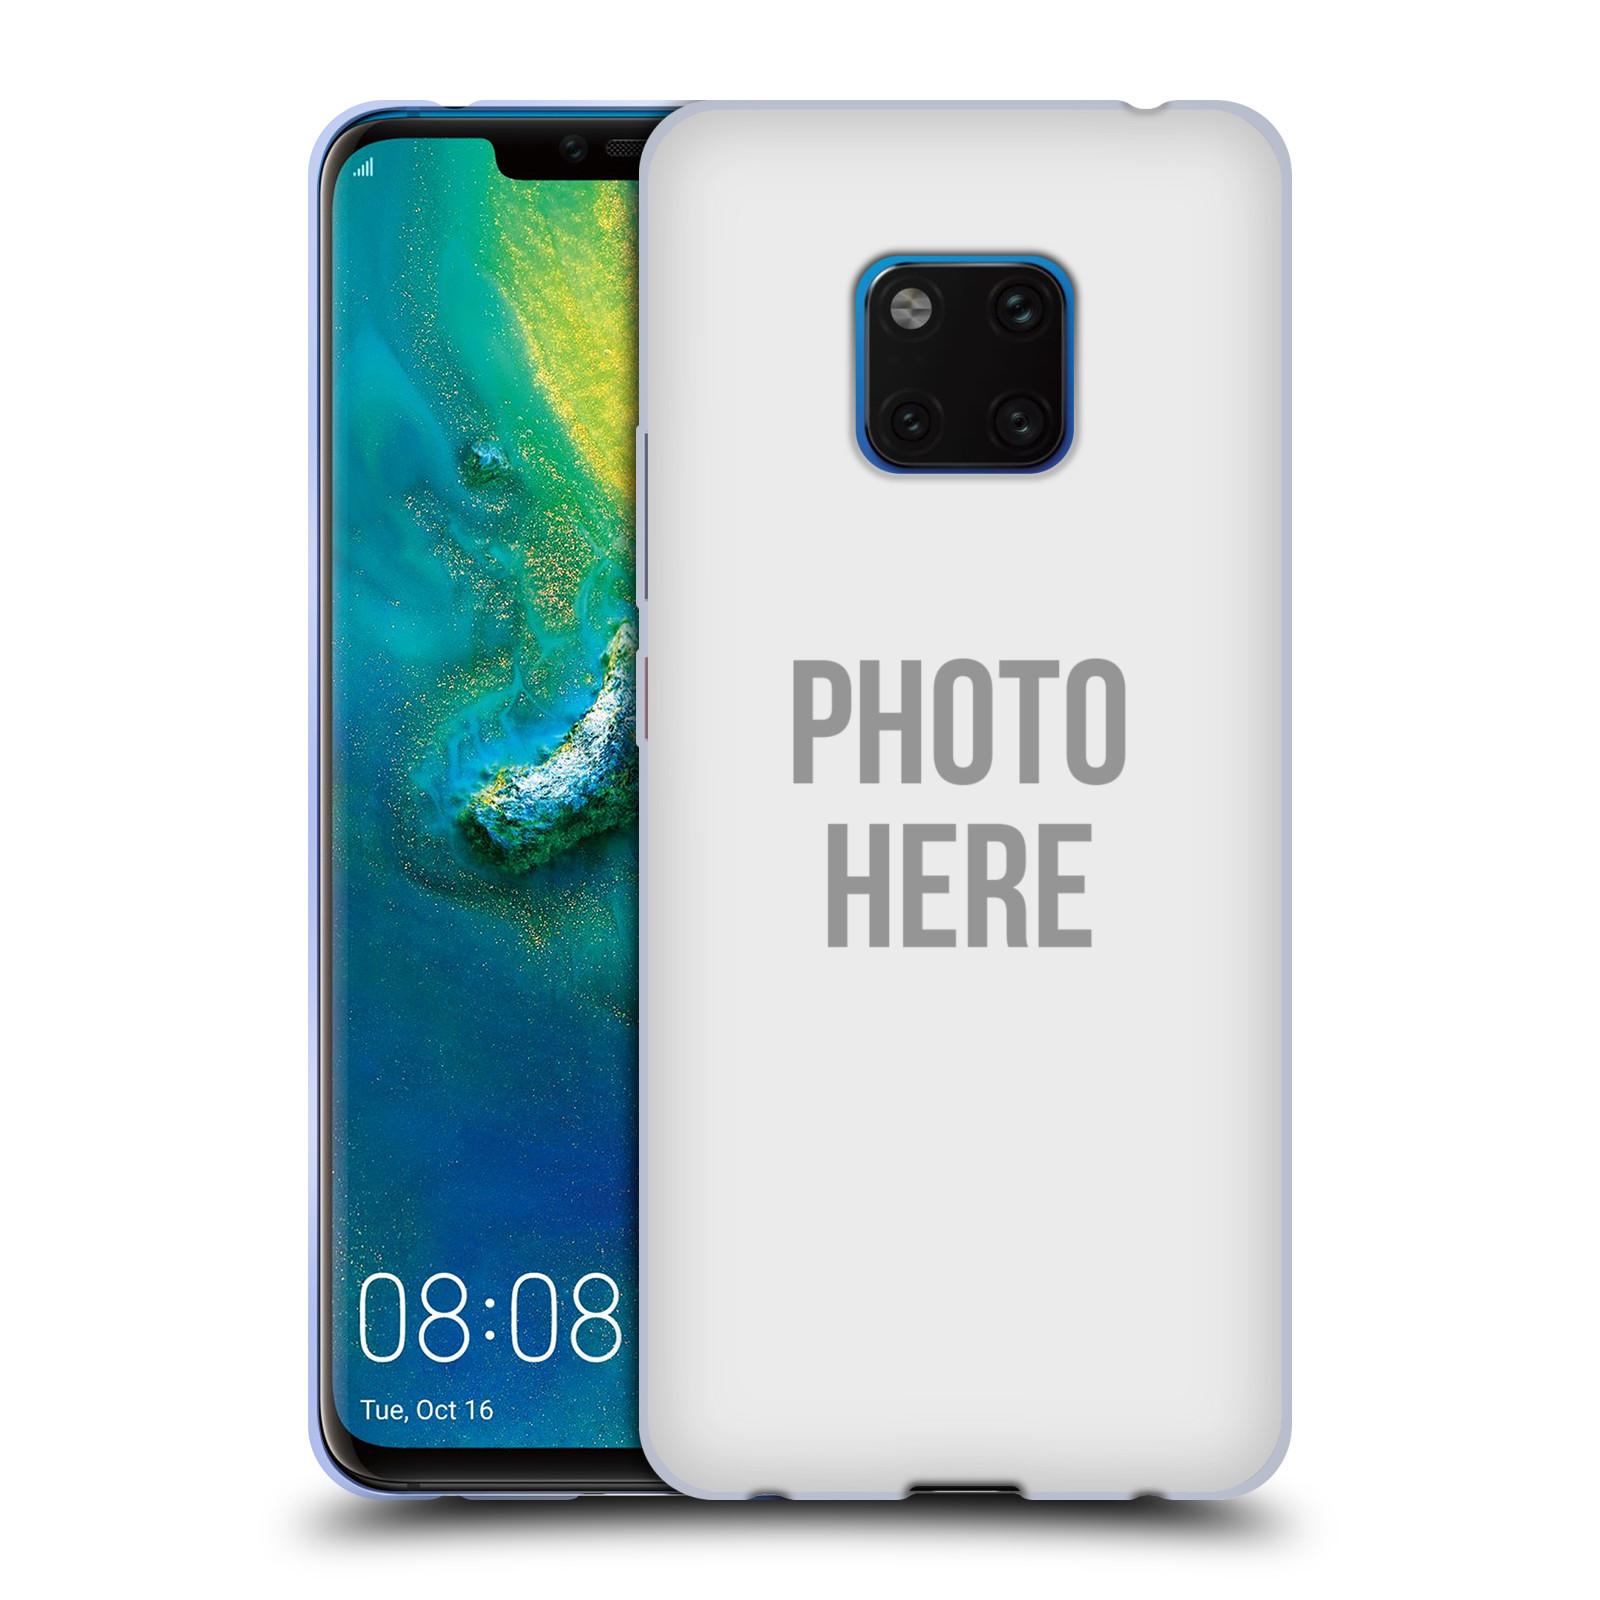 Silikonové pouzdro na mobil Huawei Mate 20 Pro - Head Case - s vlastním motivem